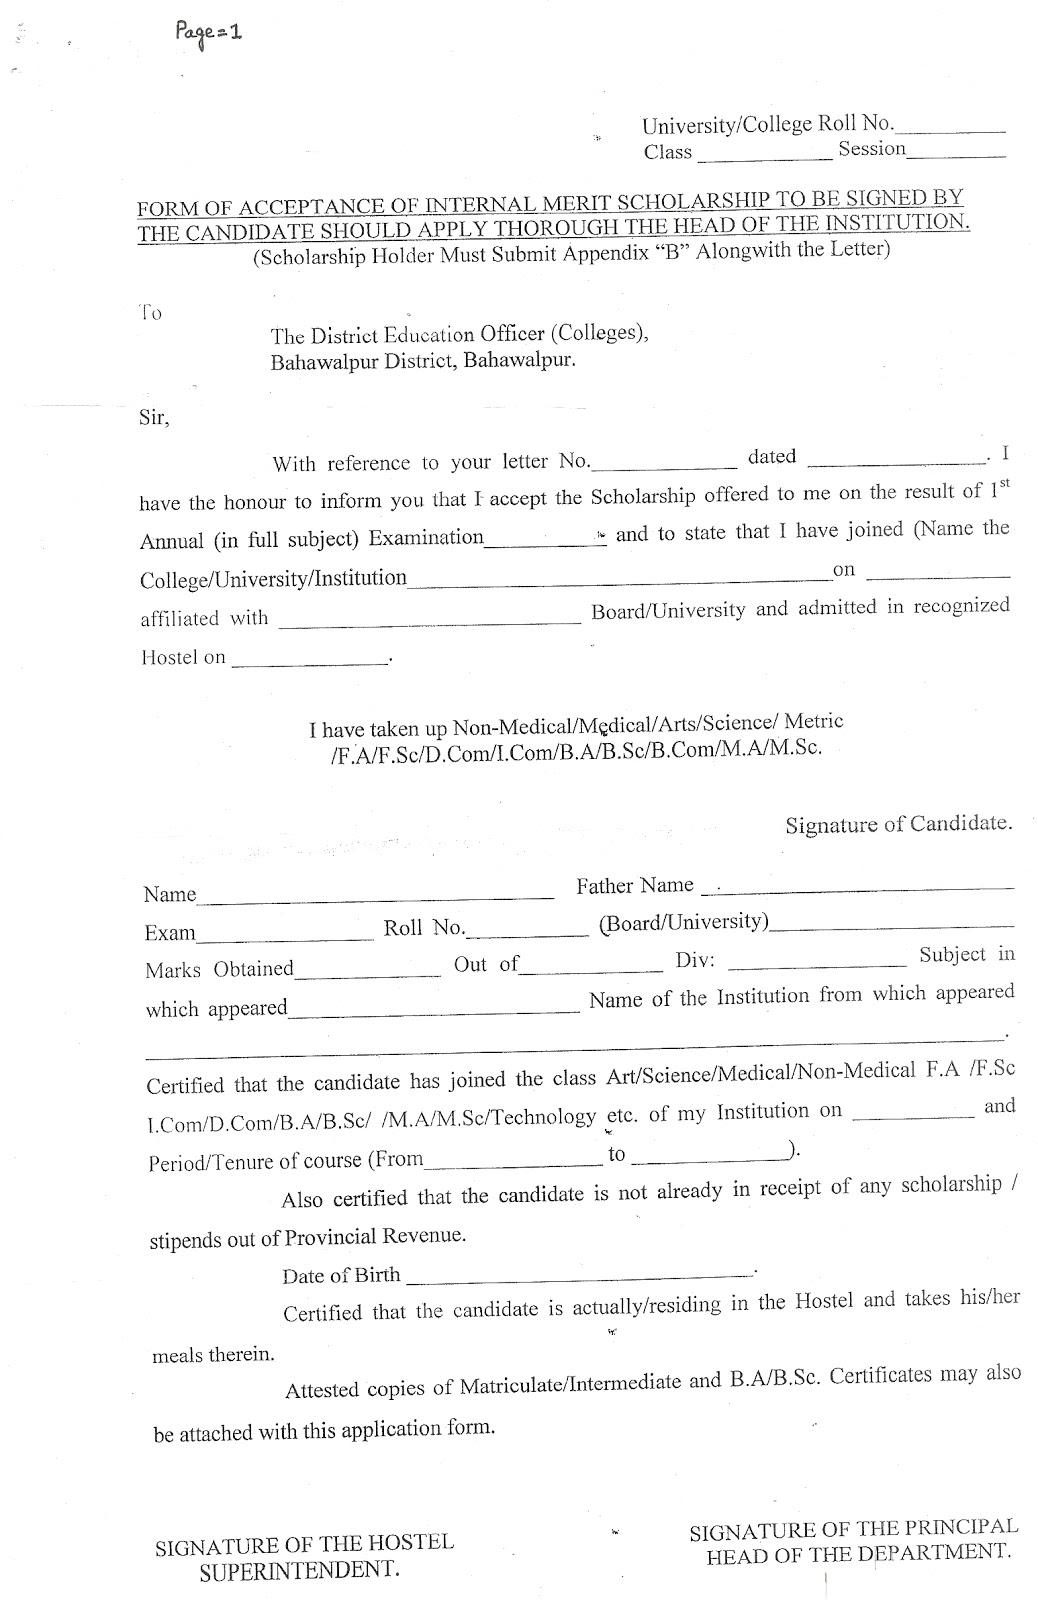 Govt Internal Merit Scholarship Form Govt Degree College For